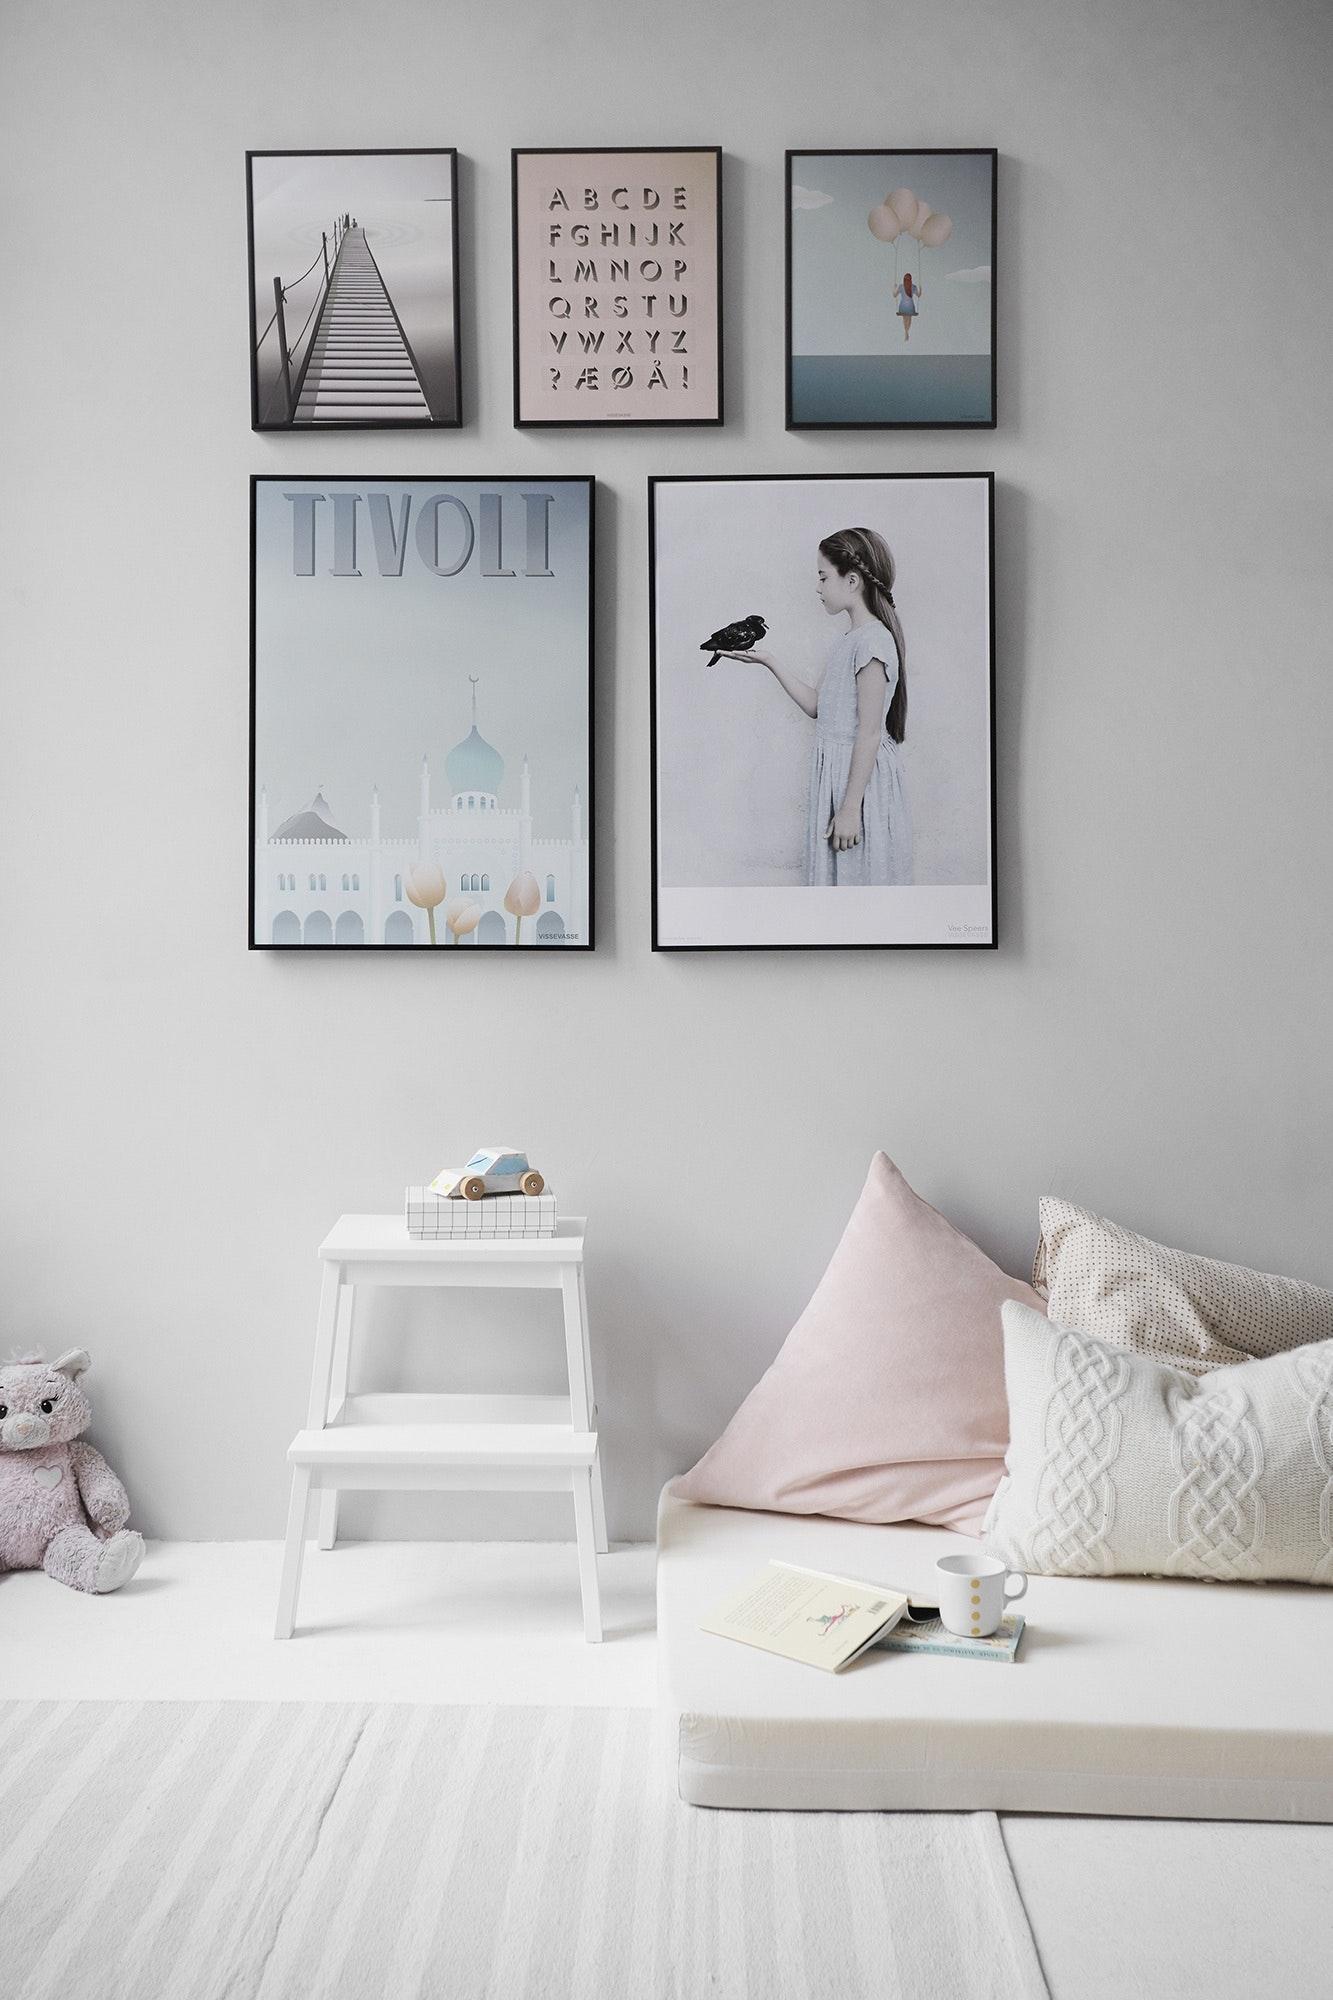 Pastelkleuren in de kinderkamer. Dit zorgt voor een mooi en rustig interieur. Pastelblauw, pastelroze en pastelgrijs passen mooi samen.